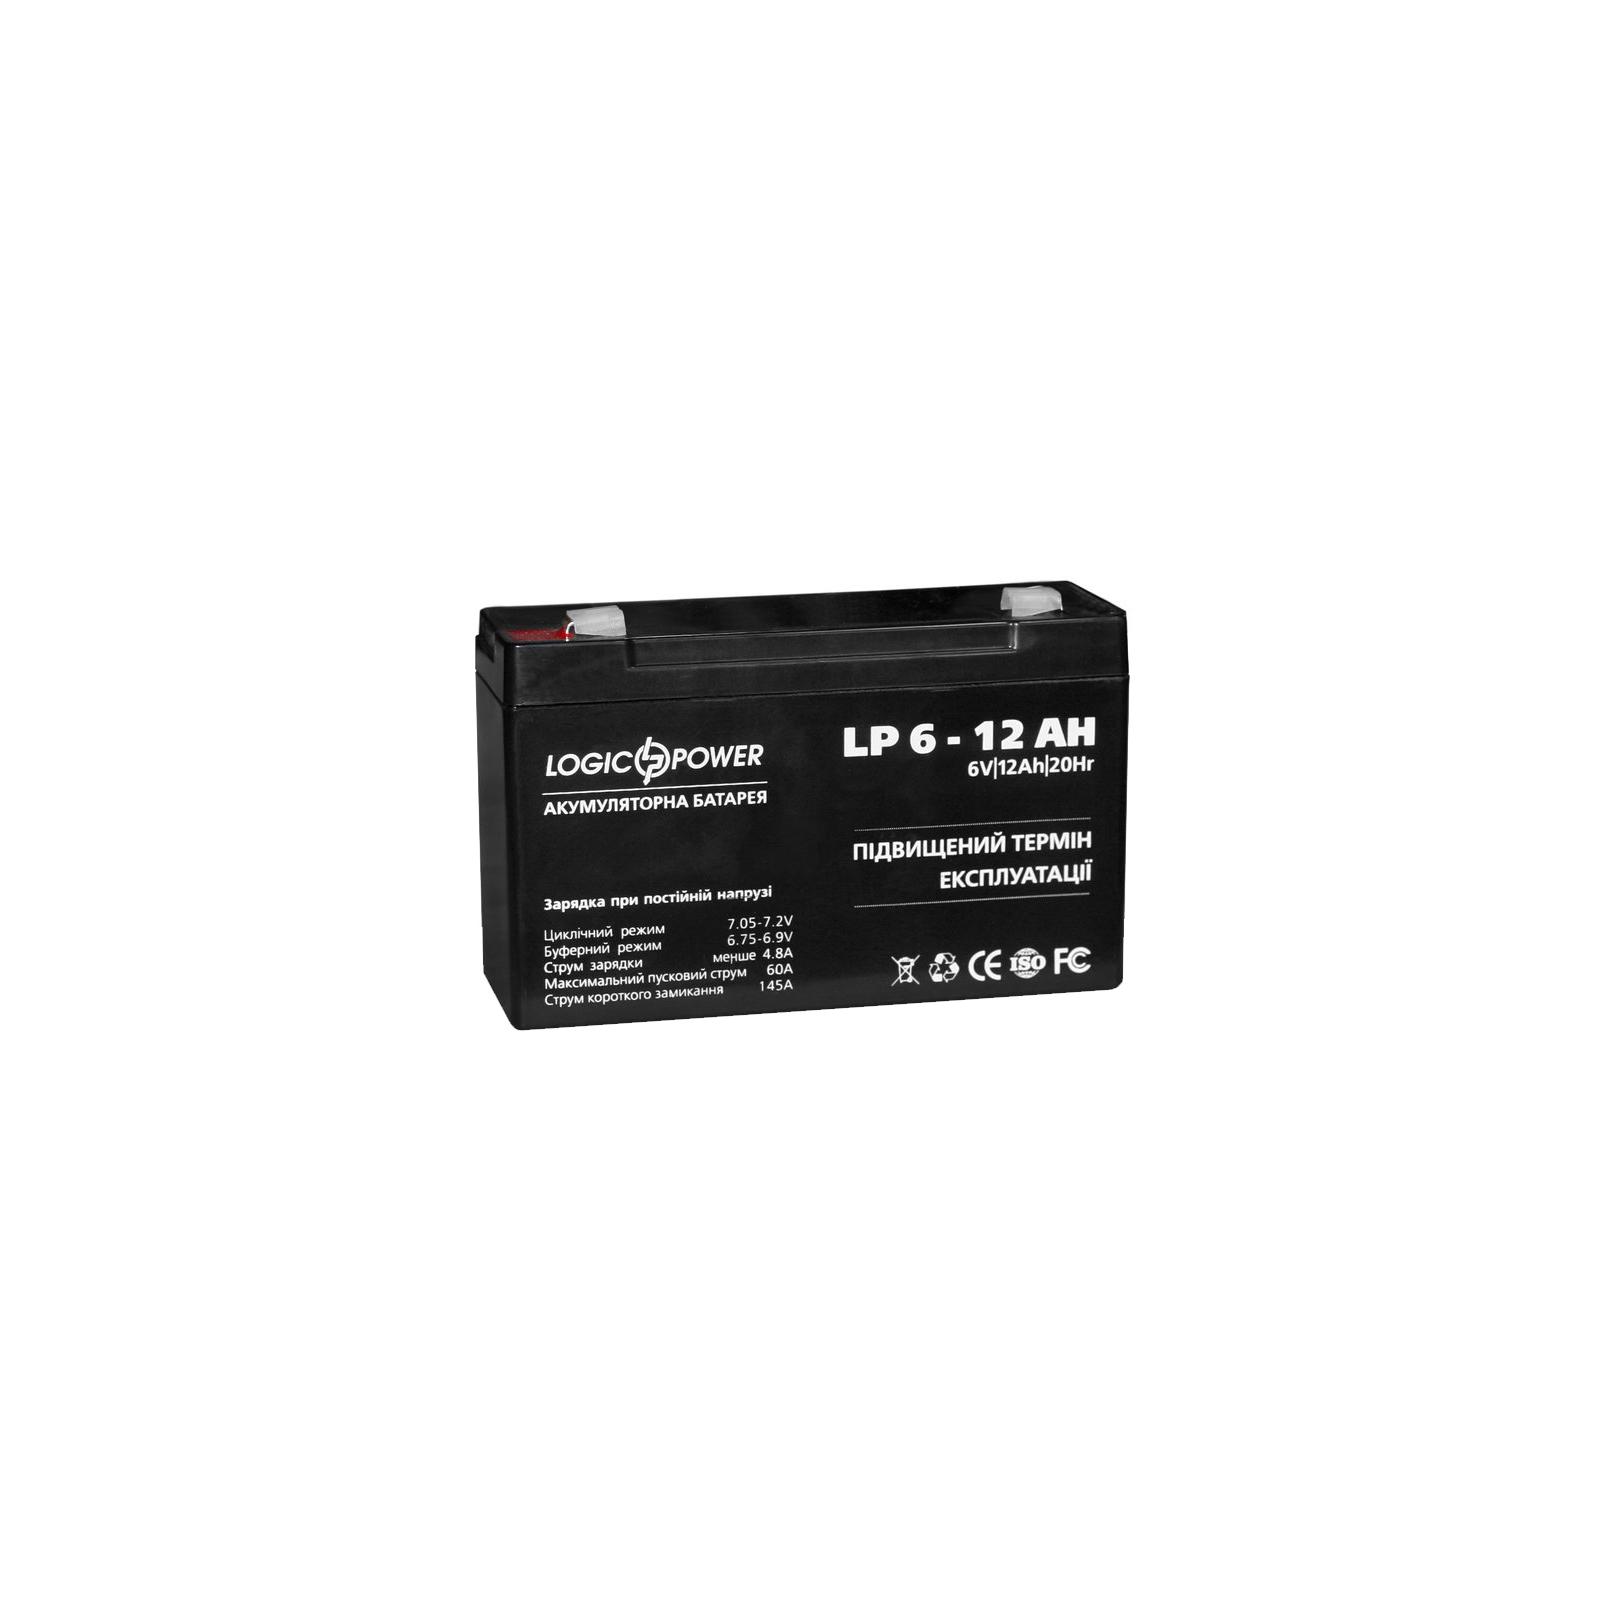 Батарея к ИБП LogicPower 6В 12 Ач (2572) изображение 2